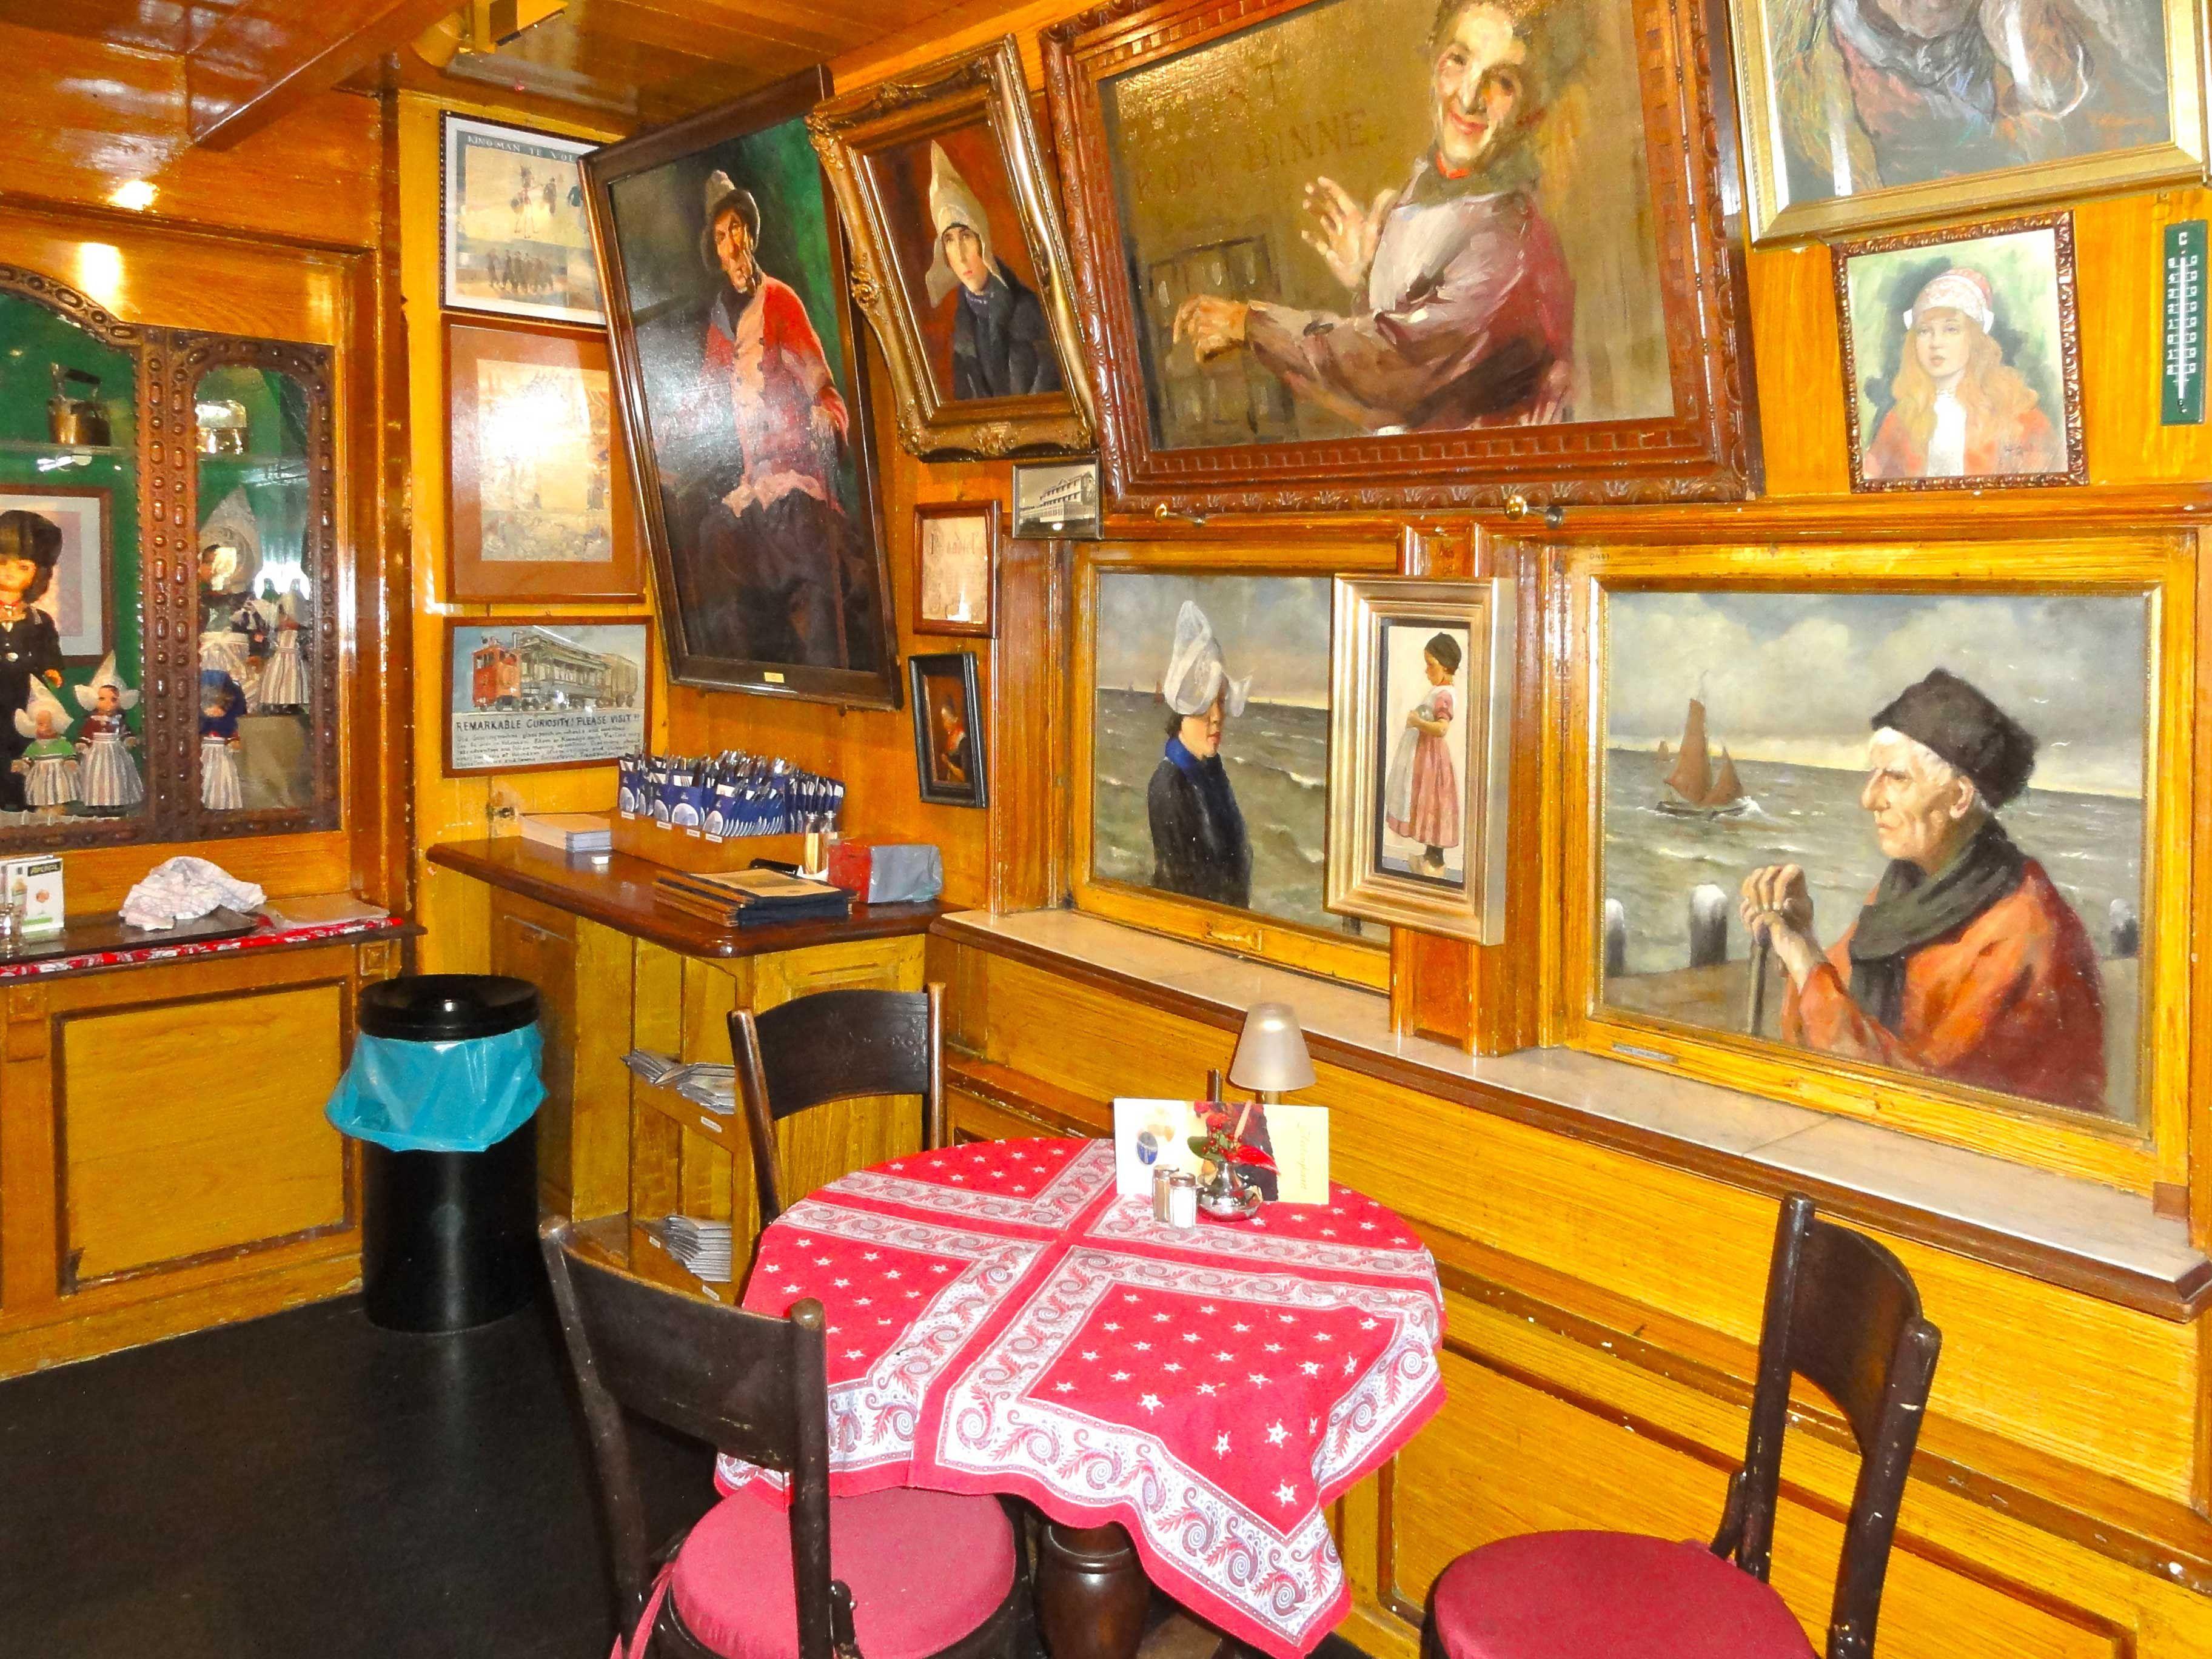 interieur volendam origineel doolhof - Google zoeken | The Splendour ...